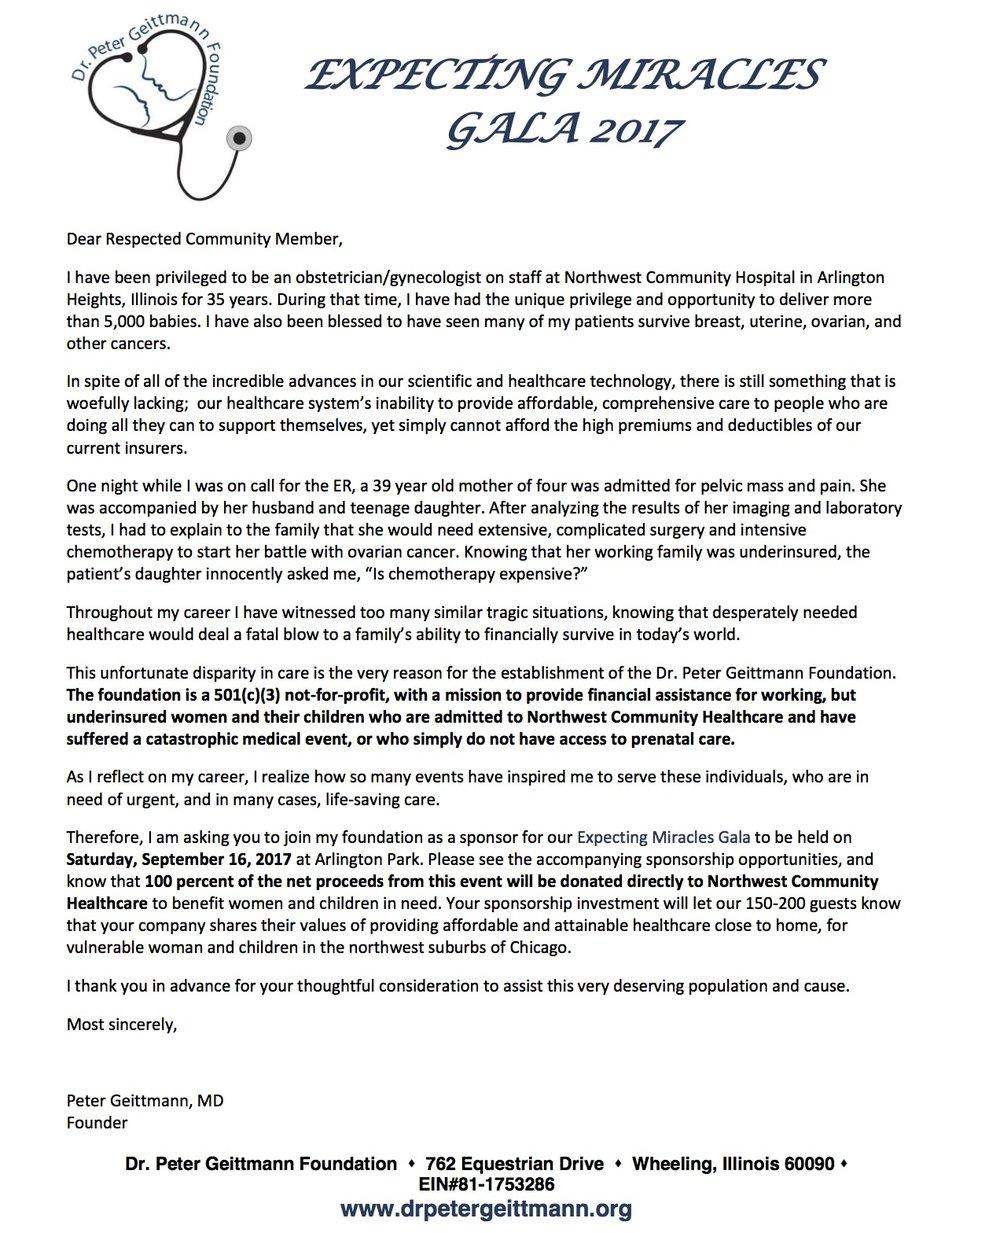 Geittmann Sponsorship letter.jpg